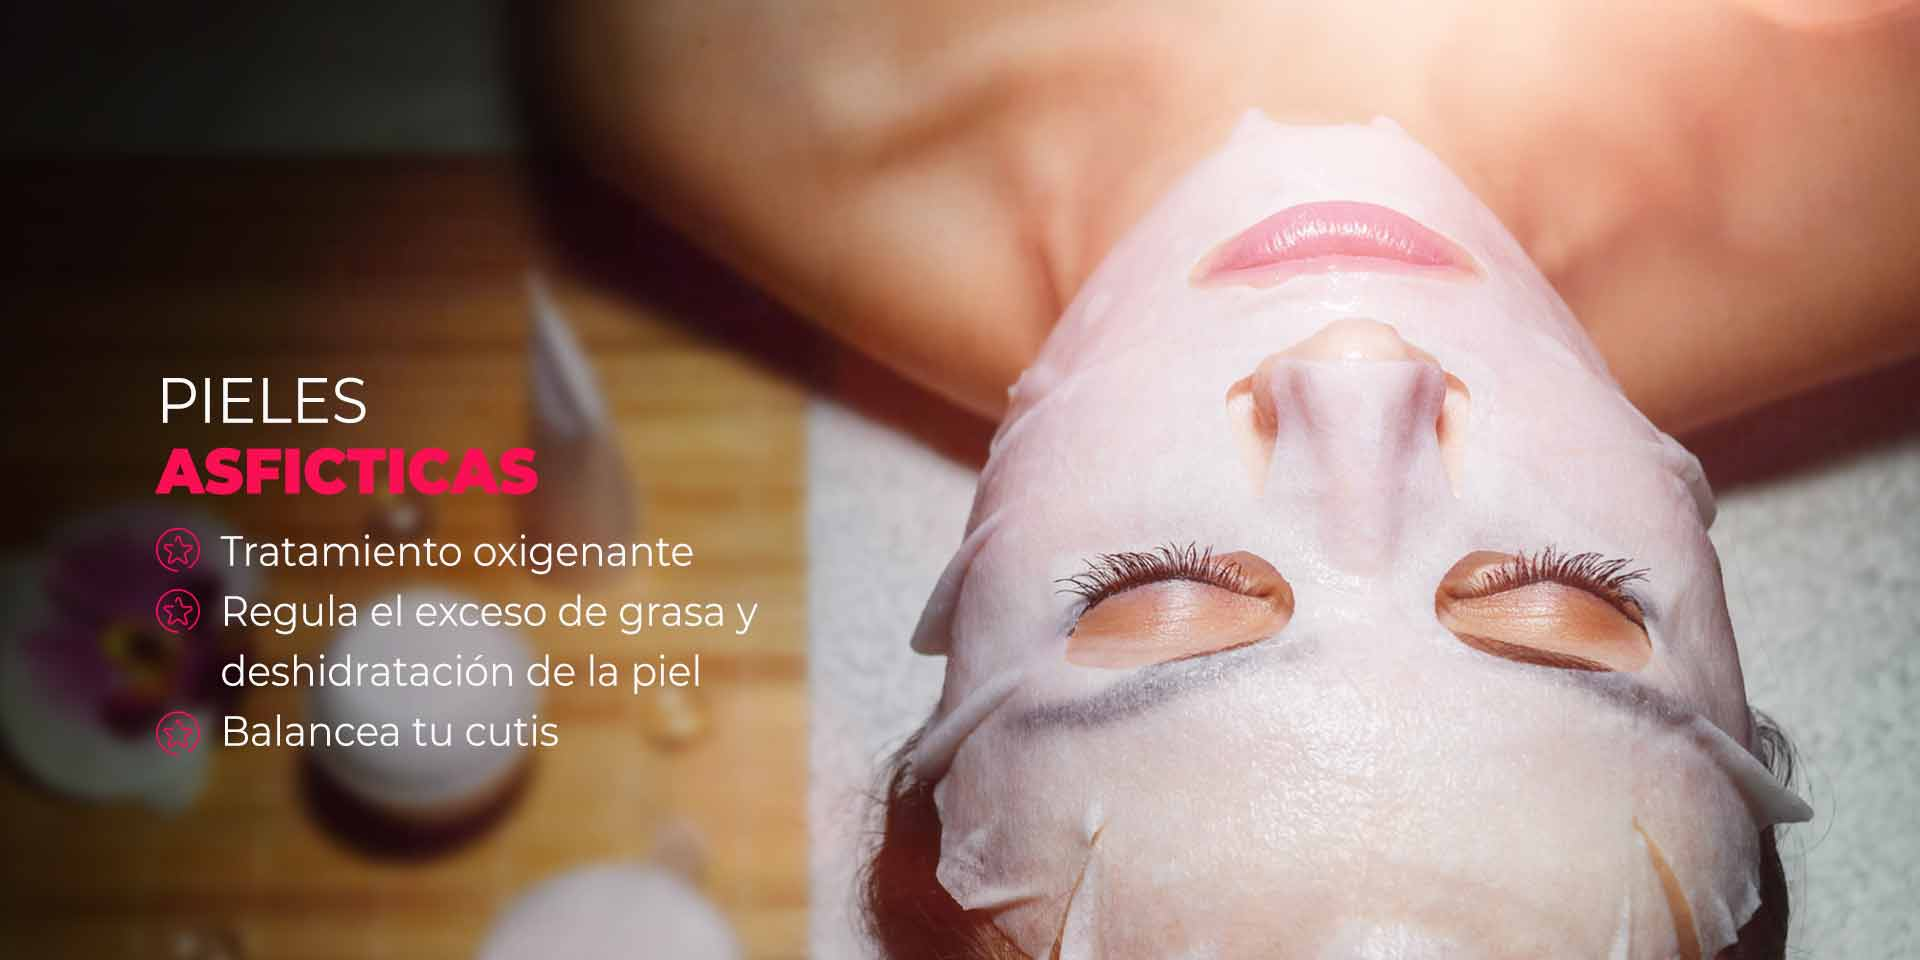 Tratamiento para pieles asficticas en CDMX